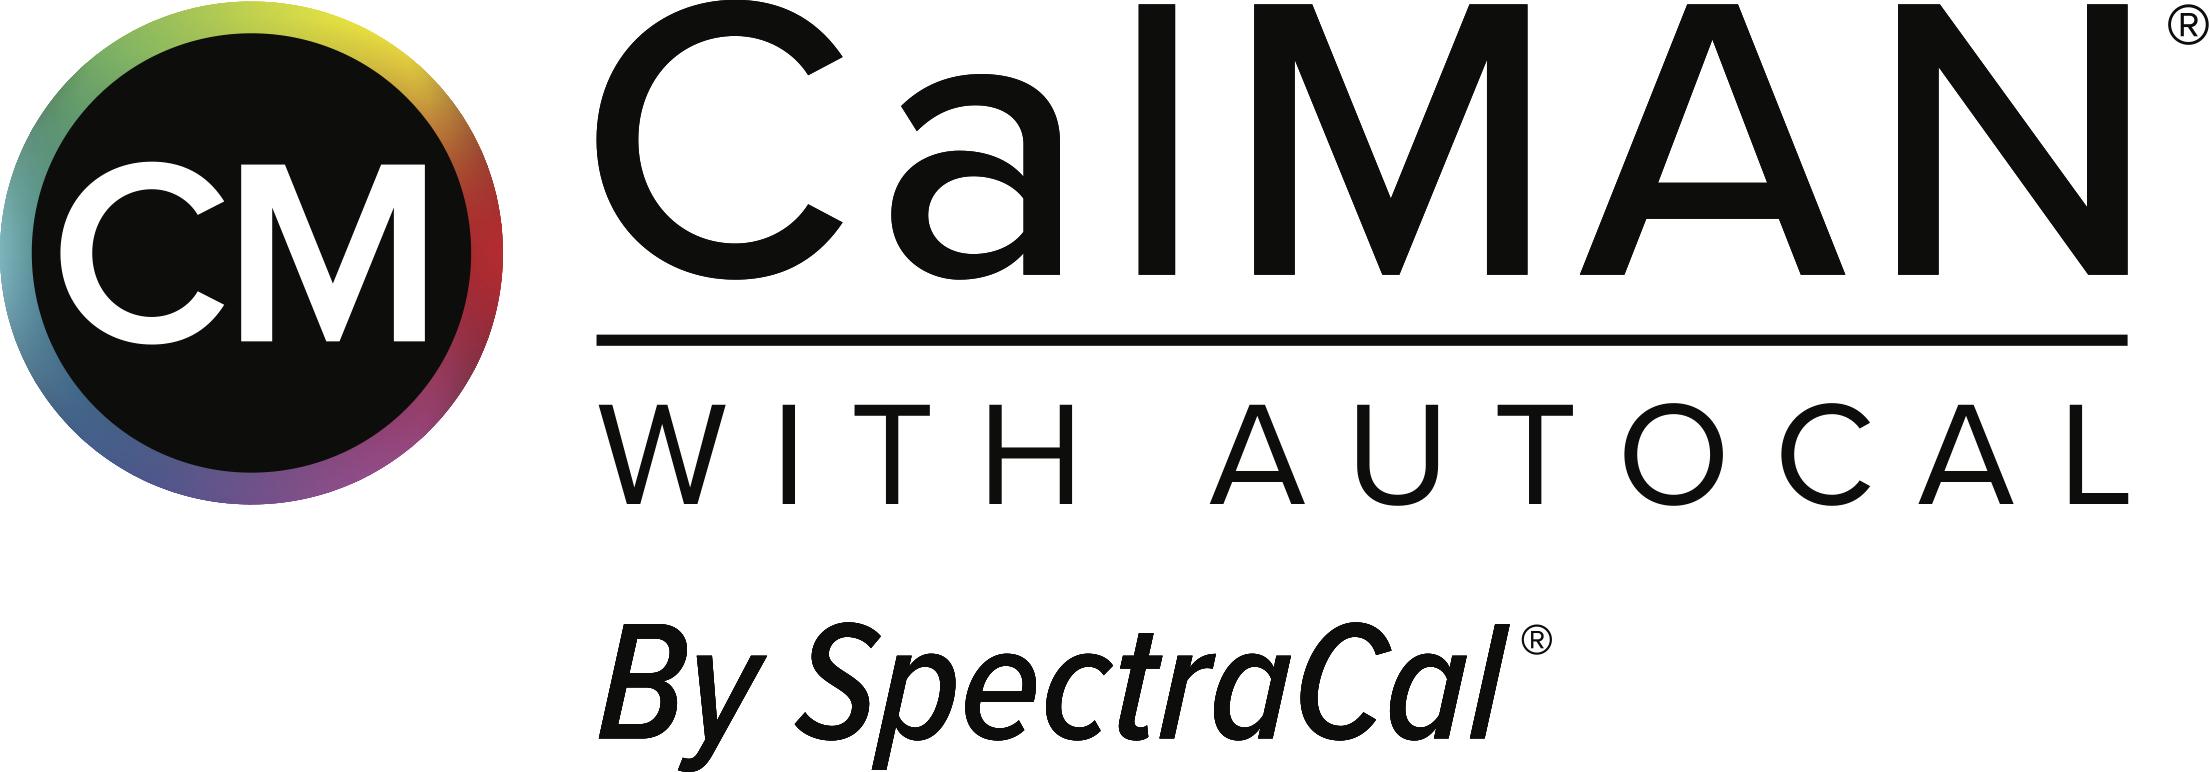 CalMAN by SpectraCal